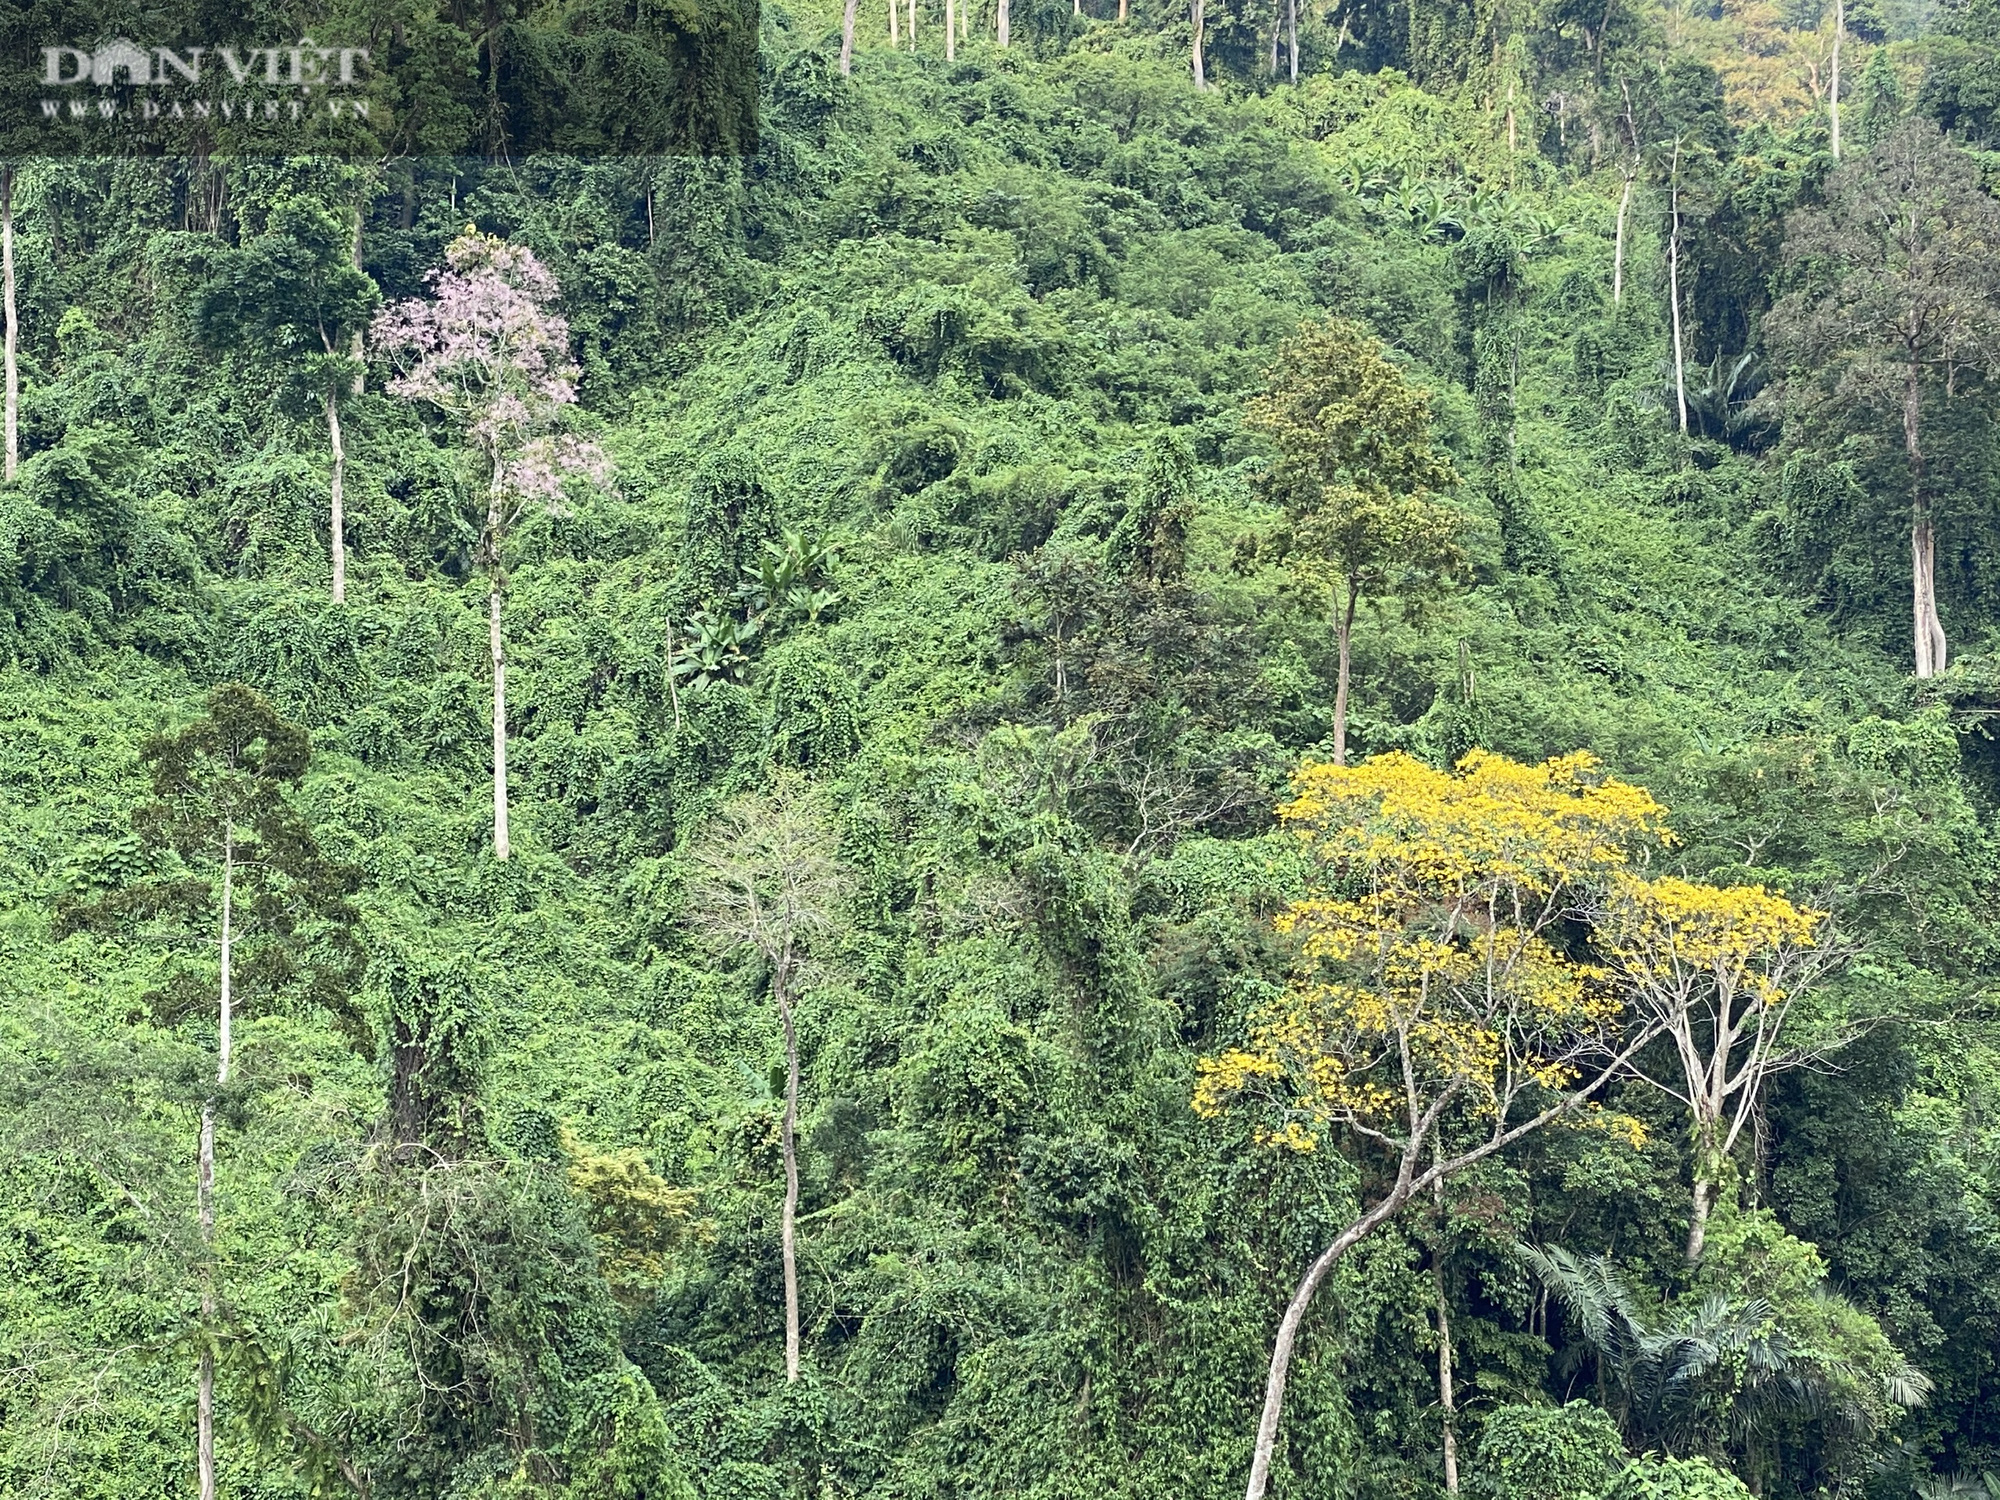 """Video: Rao bán cây cổ thụ là """"tài sản quốc gia"""" như cây trong vườn nhà mình - Ảnh 3."""